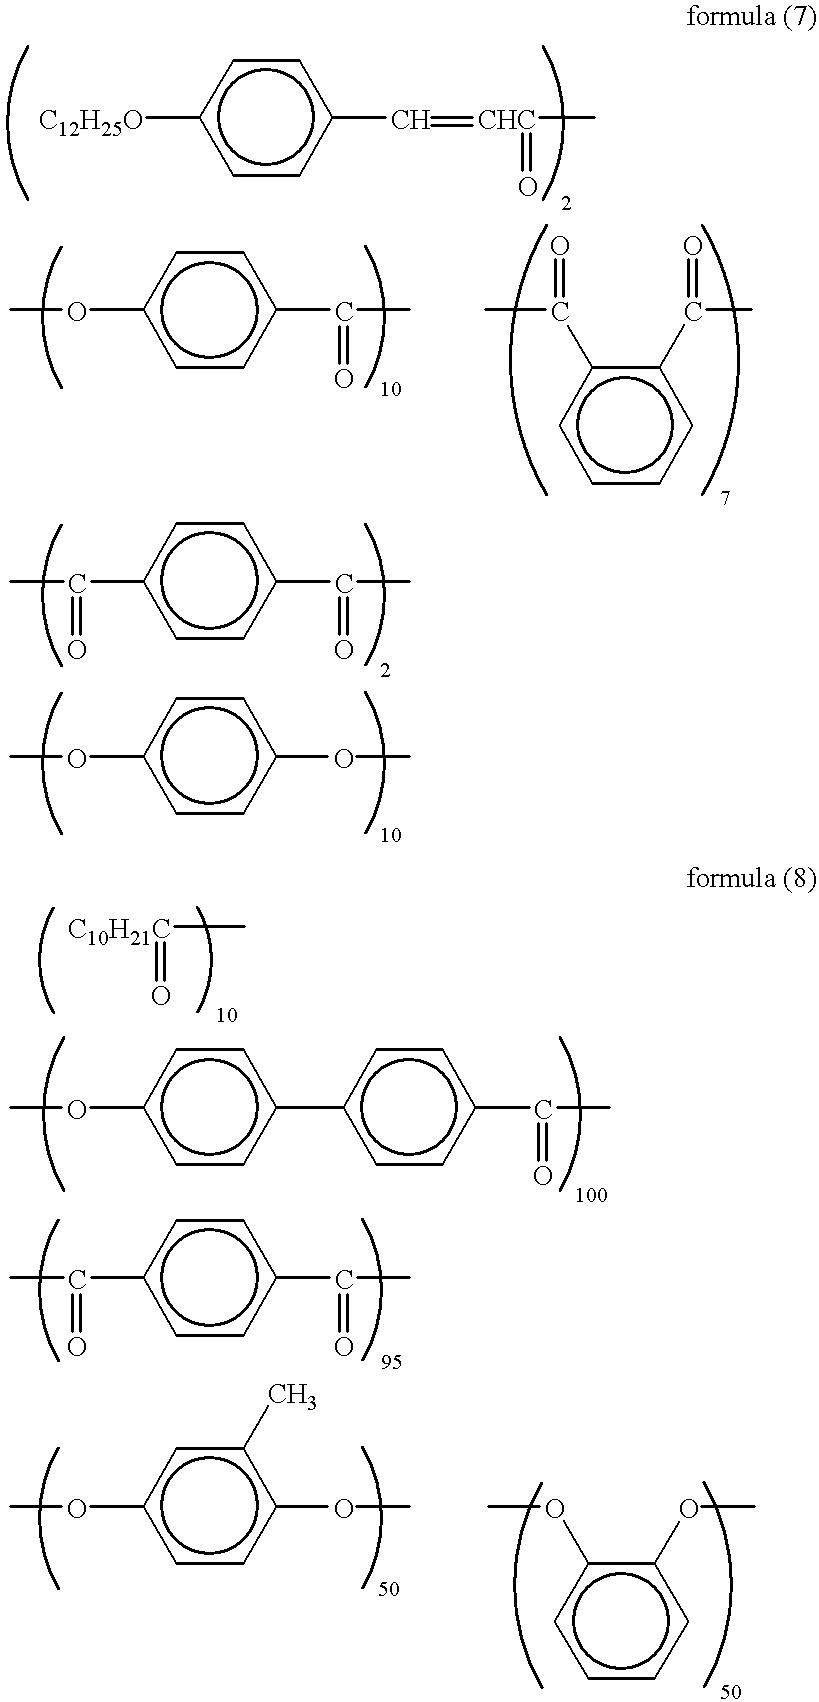 Figure US06261649-20010717-C00050